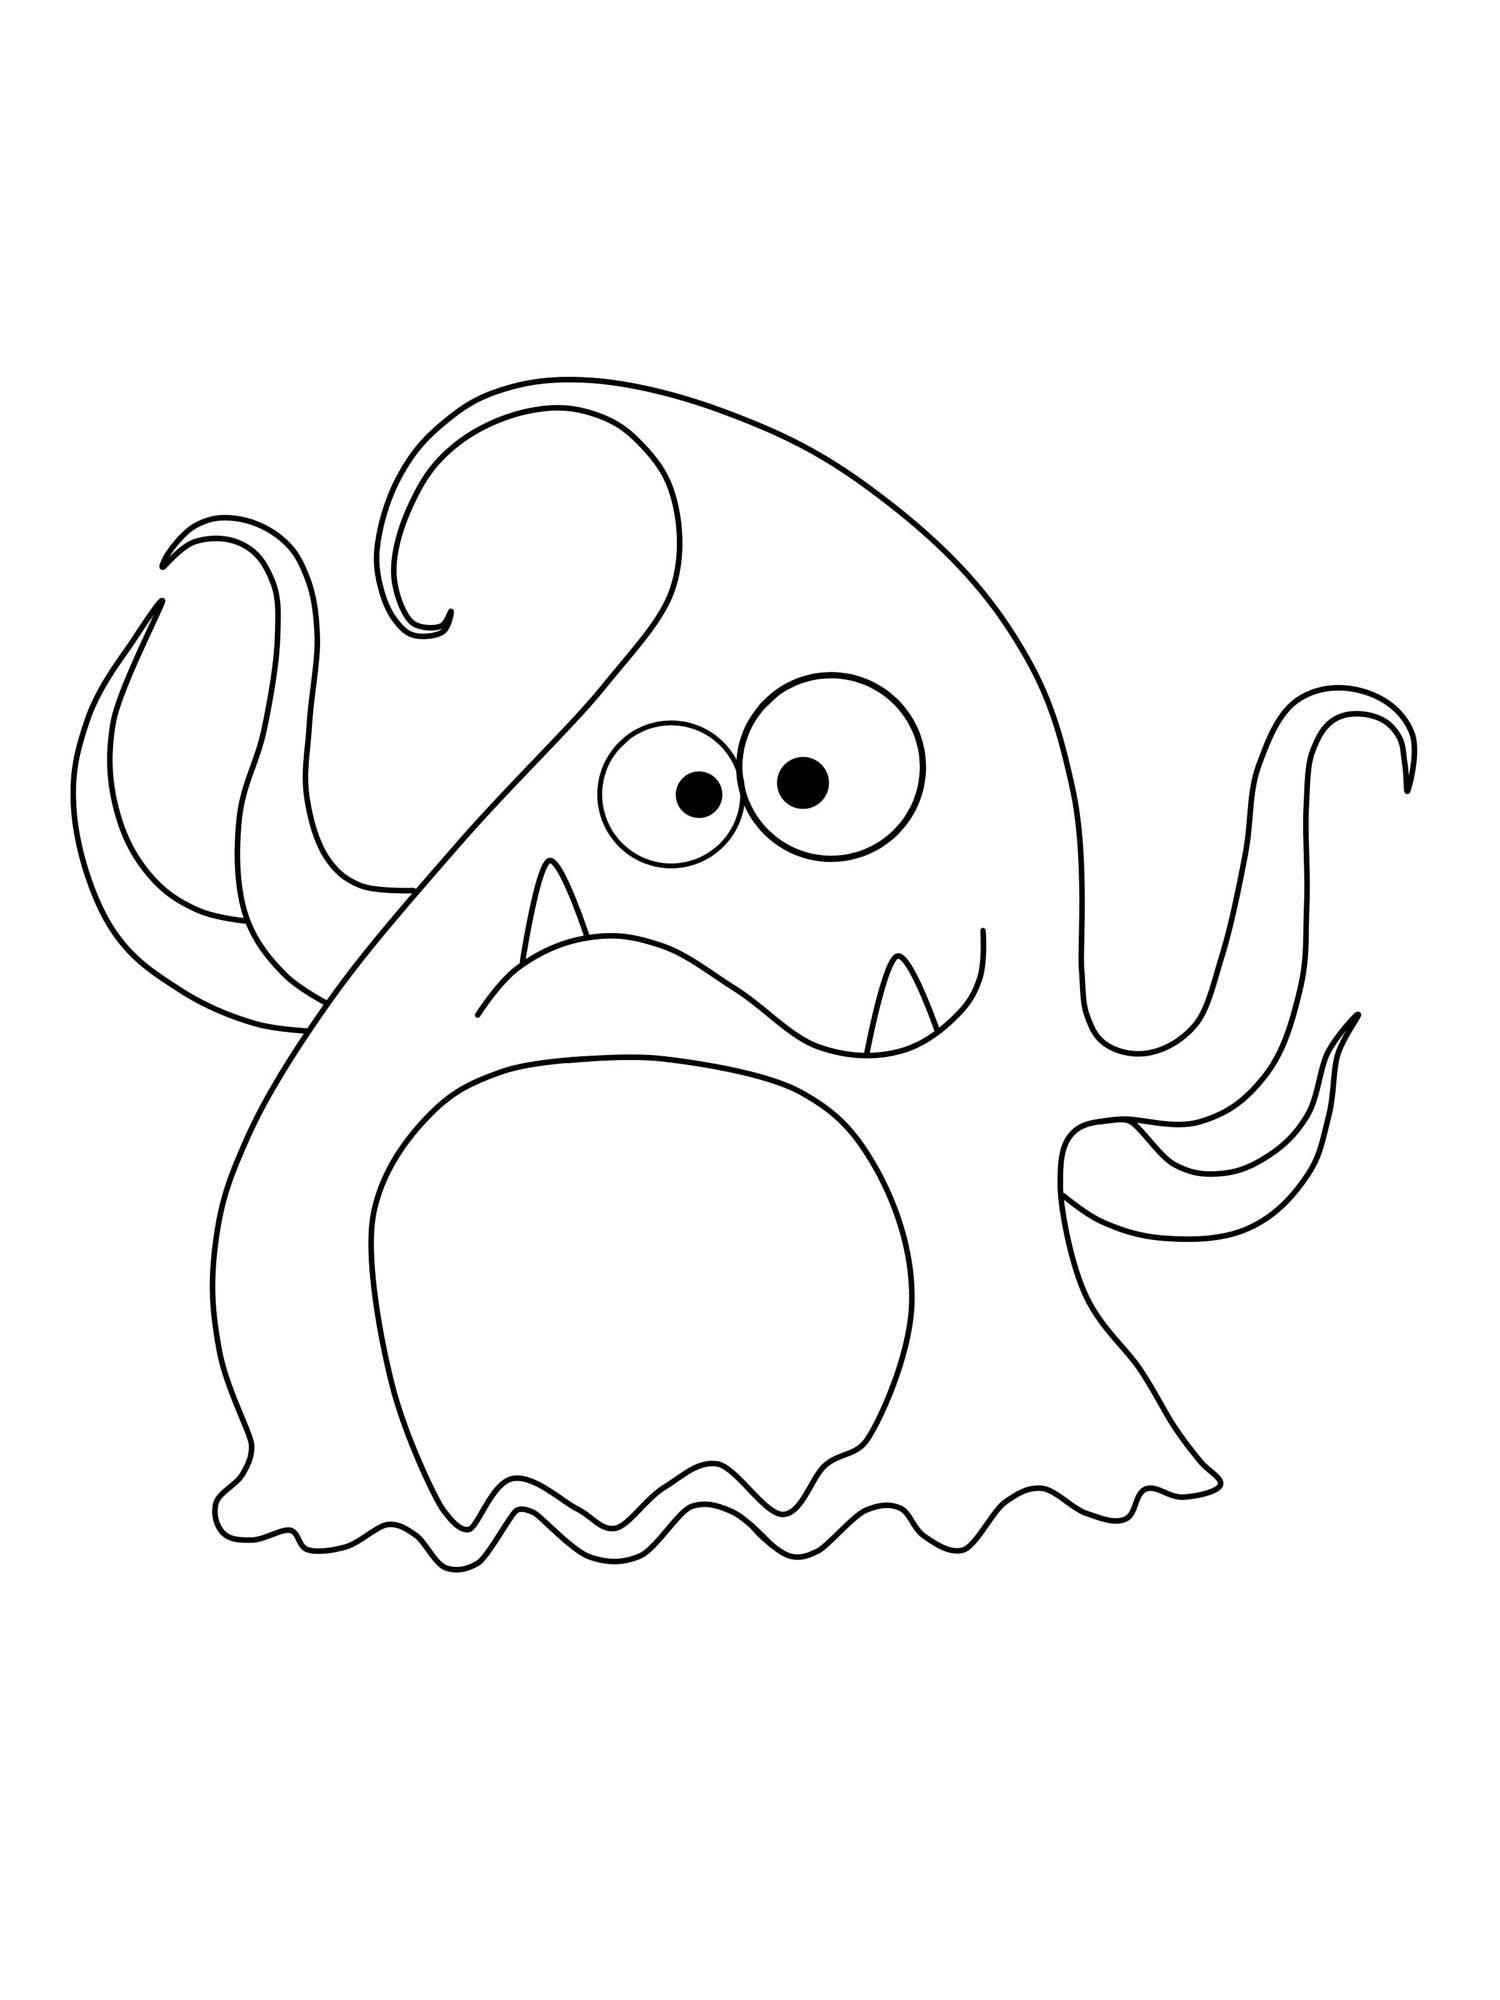 Gruselige Monster Ausmalbilder Einzigartig Malvorlagen Halloween Gruselig Schön Neu Gruselige Malvorlagen Für Sammlung